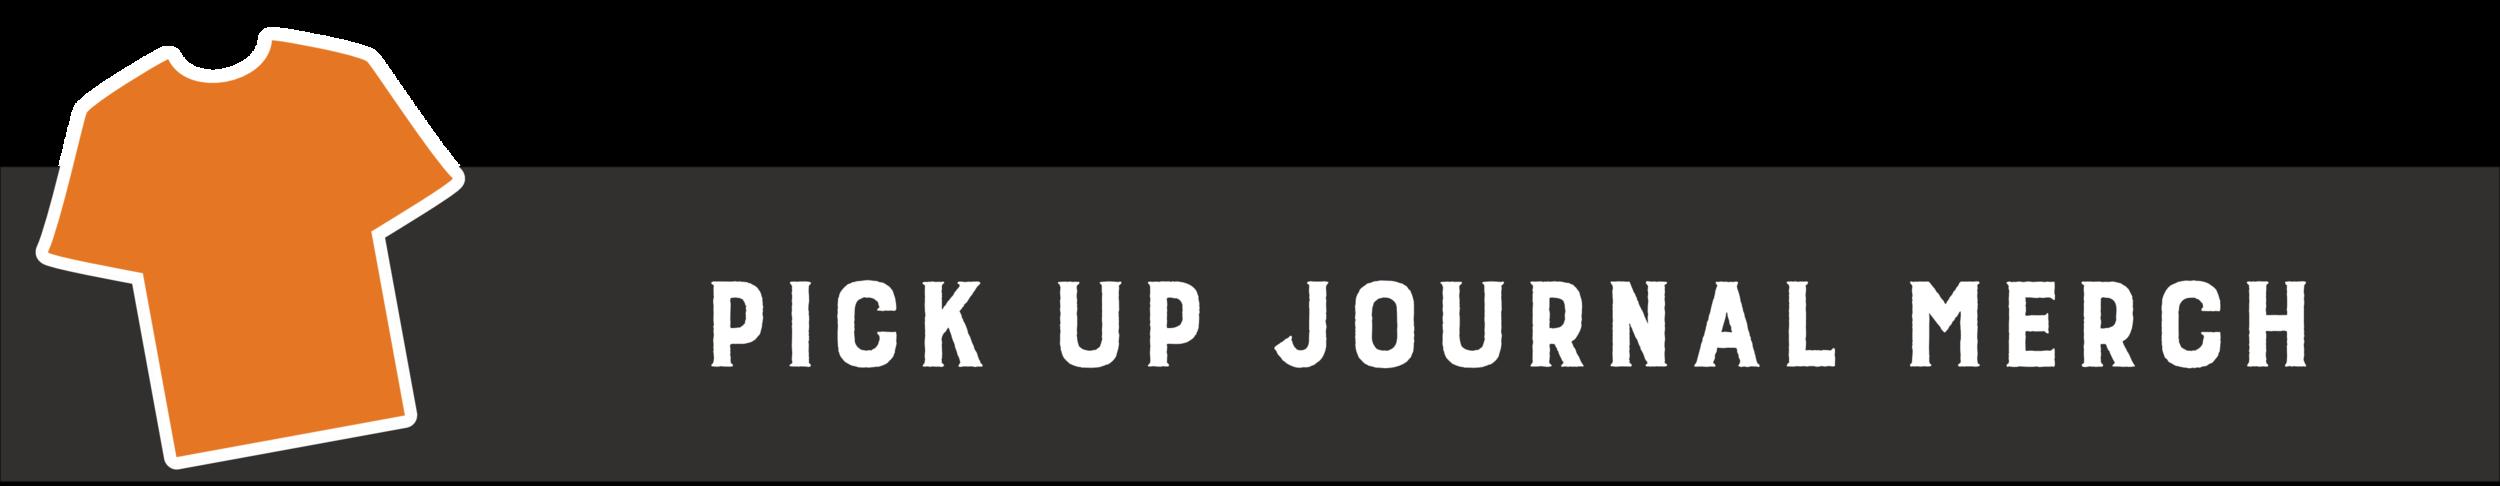 DB-Journal-Merch-banner.png